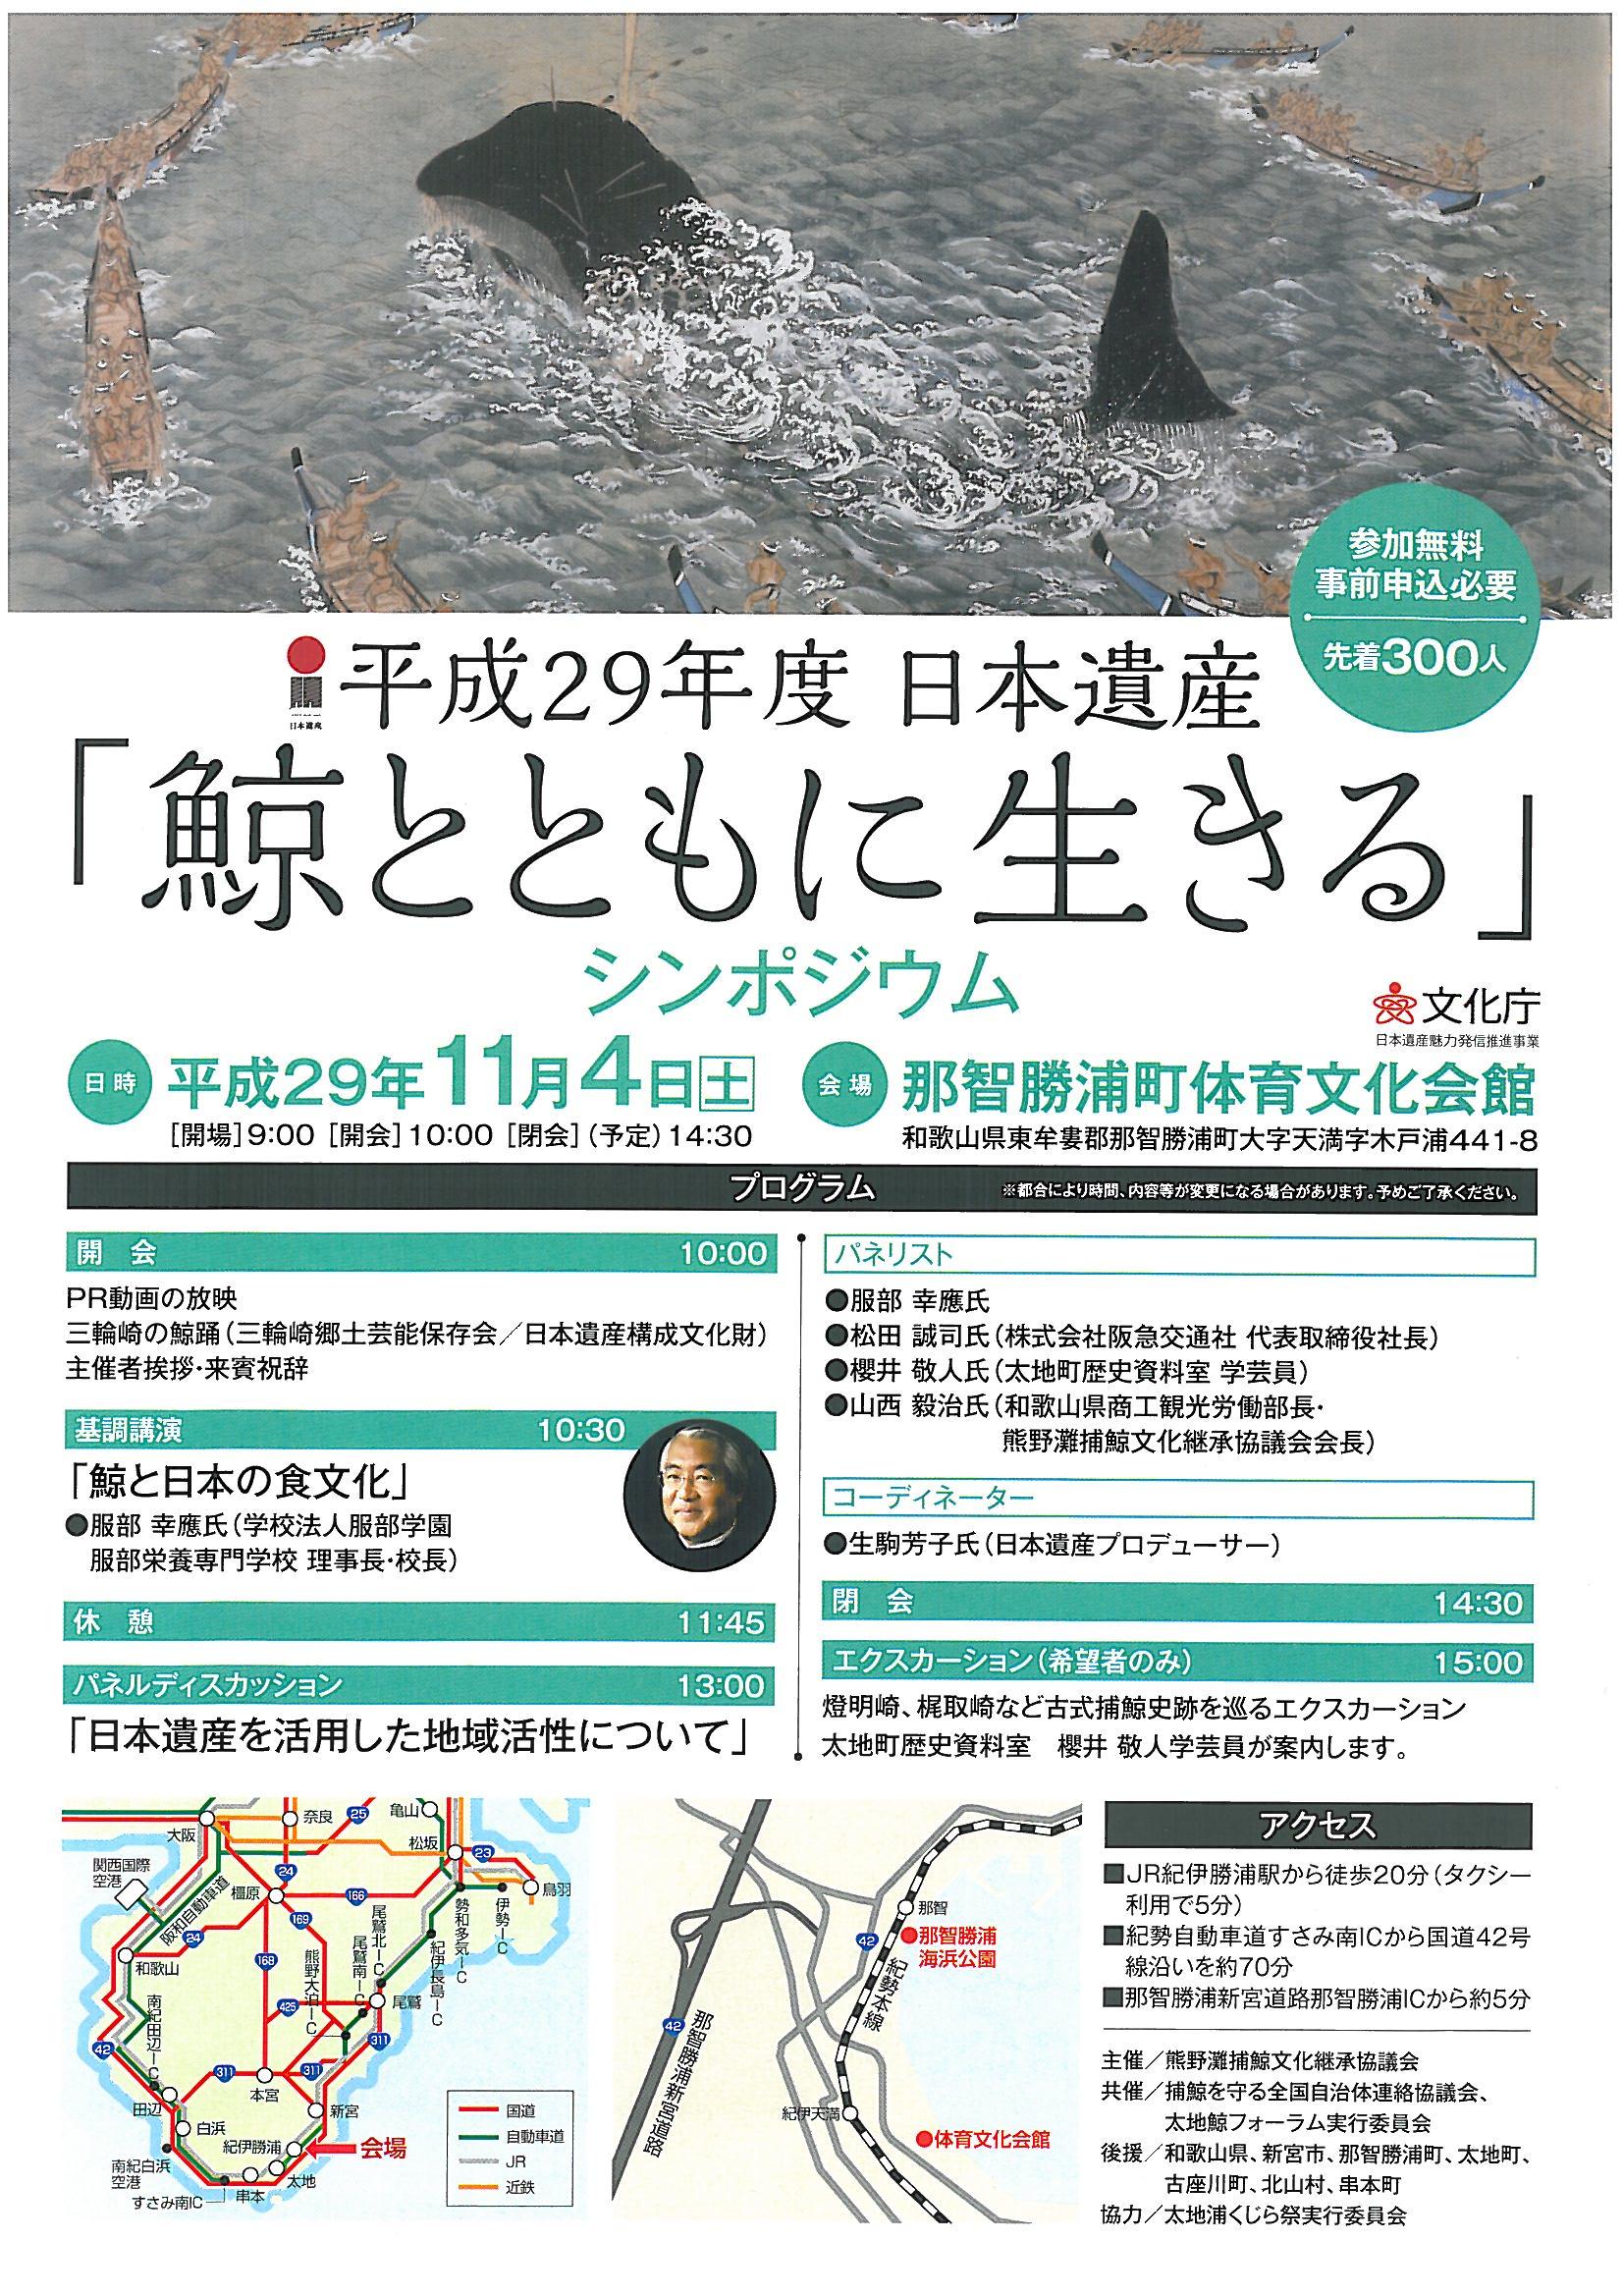 日本遺産「鯨とともに生きる」シンポジウムの開催について!